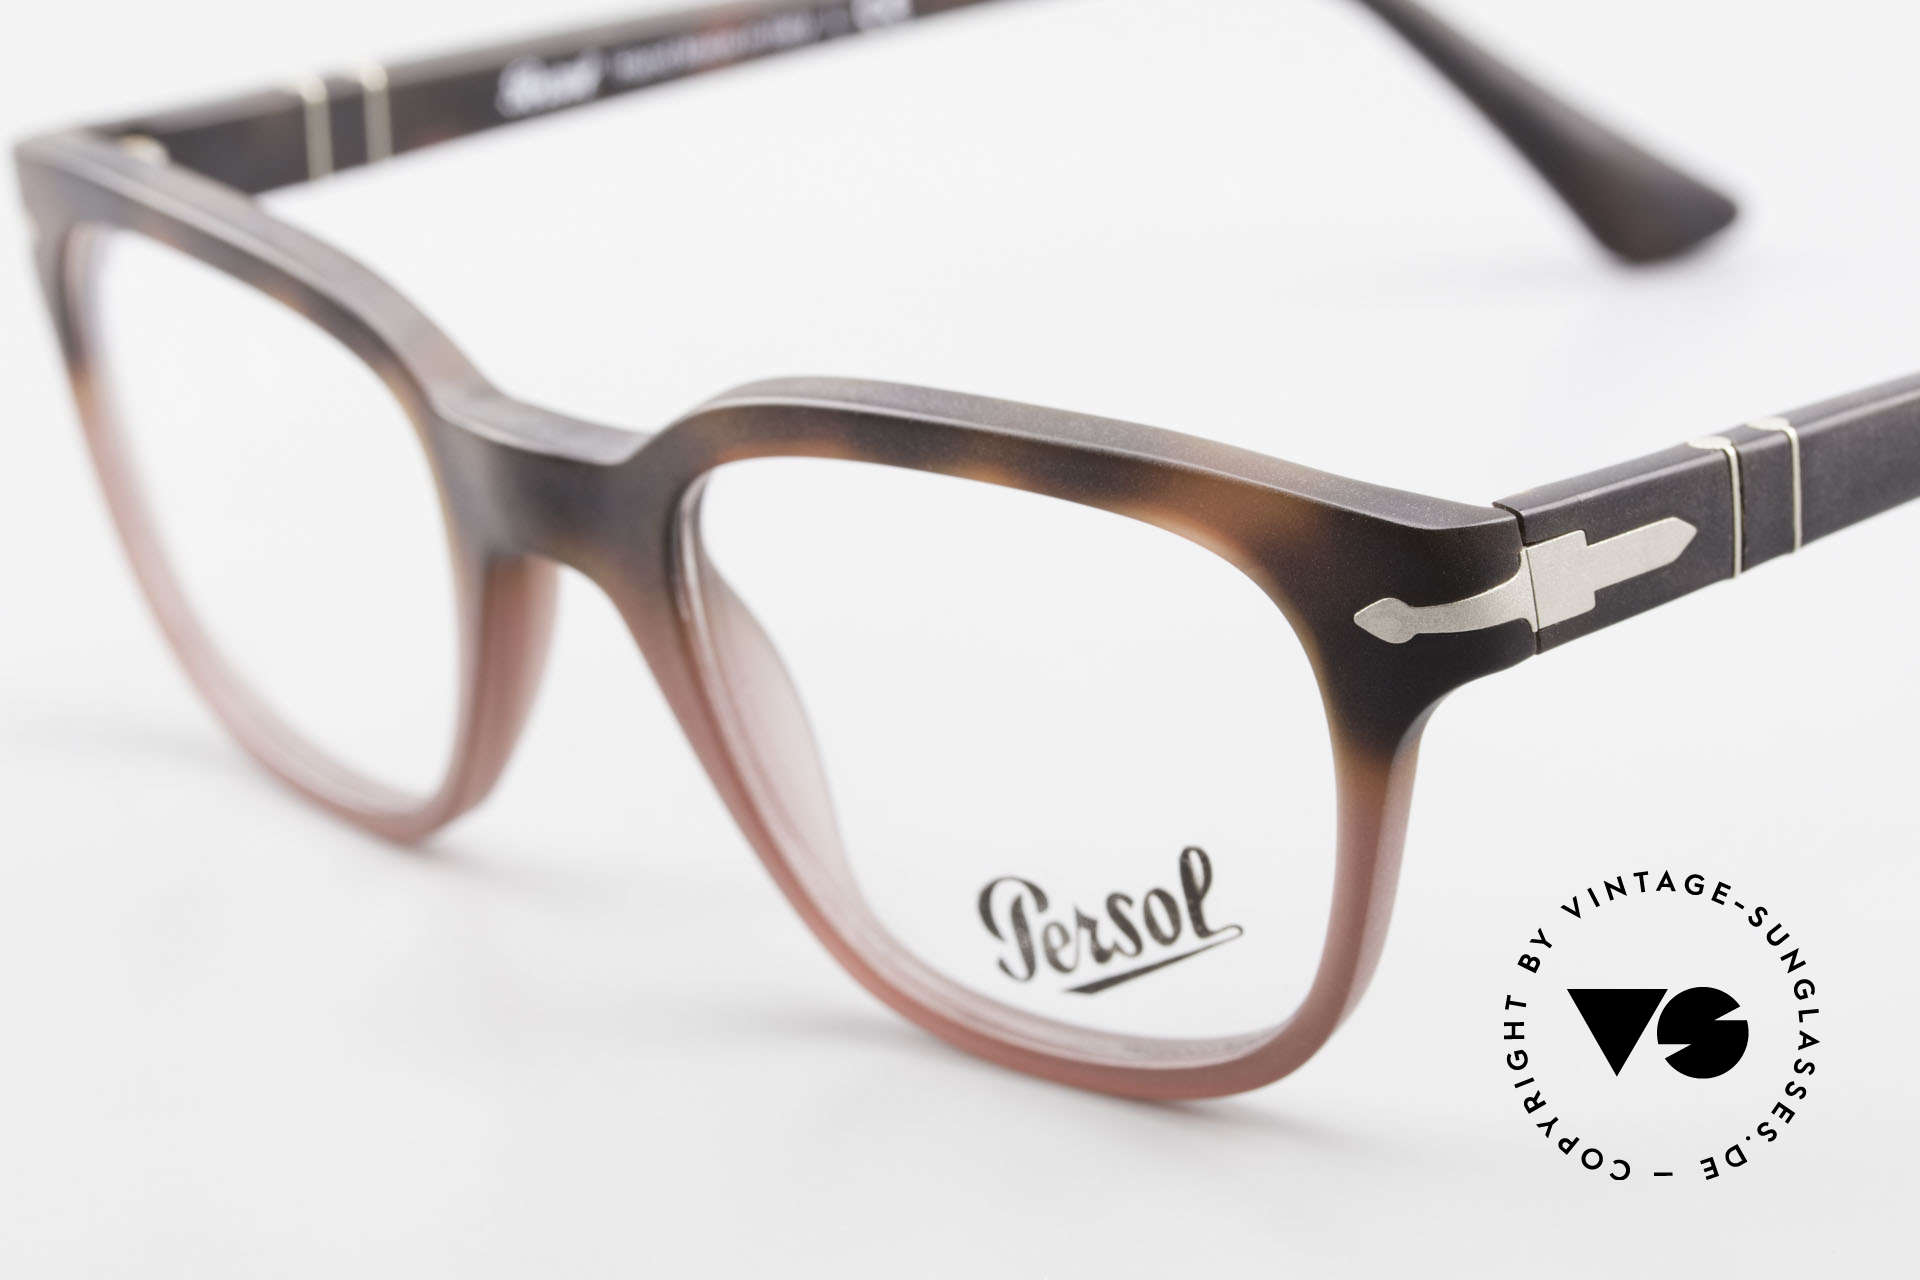 Persol 3093 Unisex Fassung Klassiker Brille, ungetragen (wie alle unsere Persol vintage Brillen), Passend für Herren und Damen